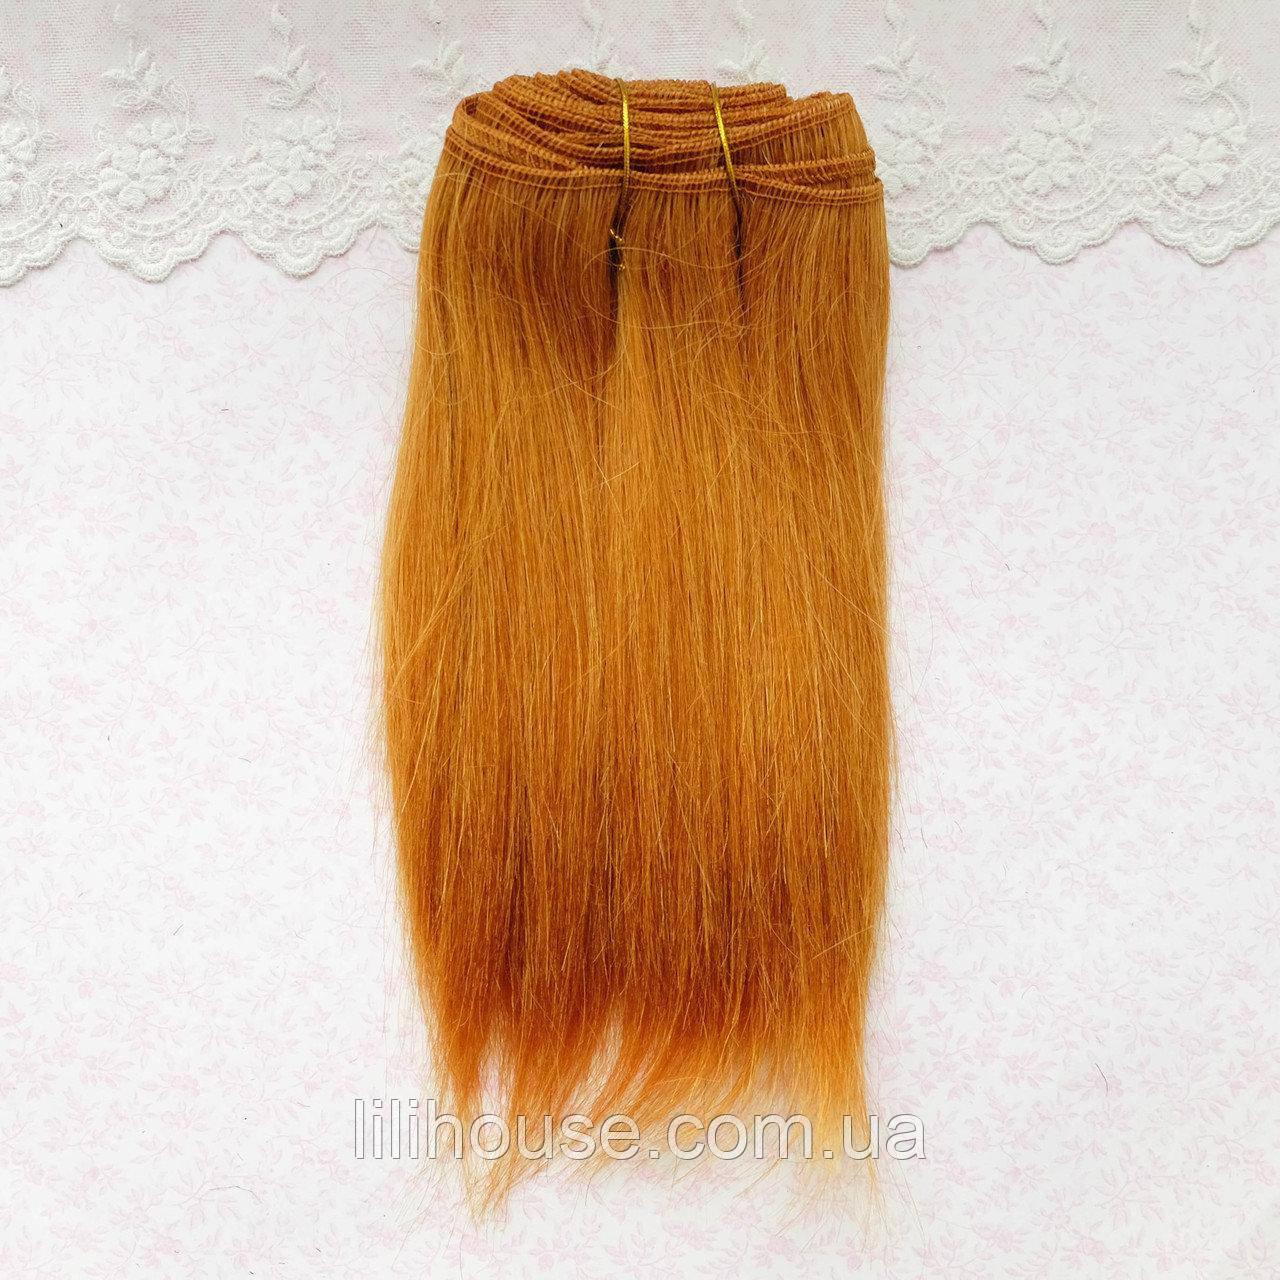 Коза Натуральная Остевая Трессы для Кукольных Волос длина 16-18 см КАРАМЕЛЬ метр